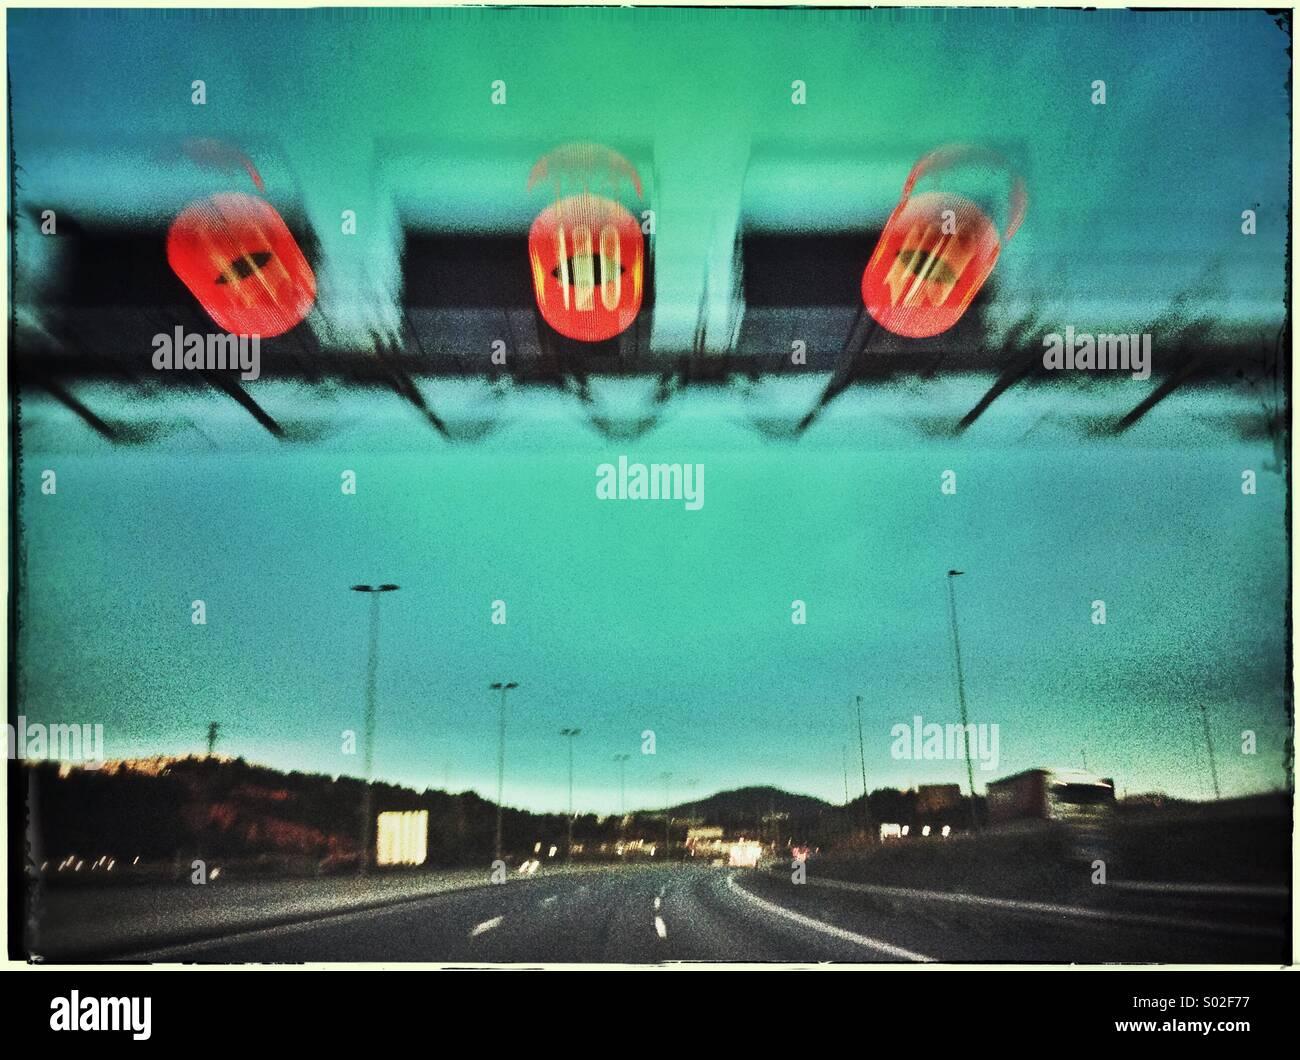 Señal de límite de velocidad en una carretera cerca de Barcelona, Cataluña, España Imagen De Stock